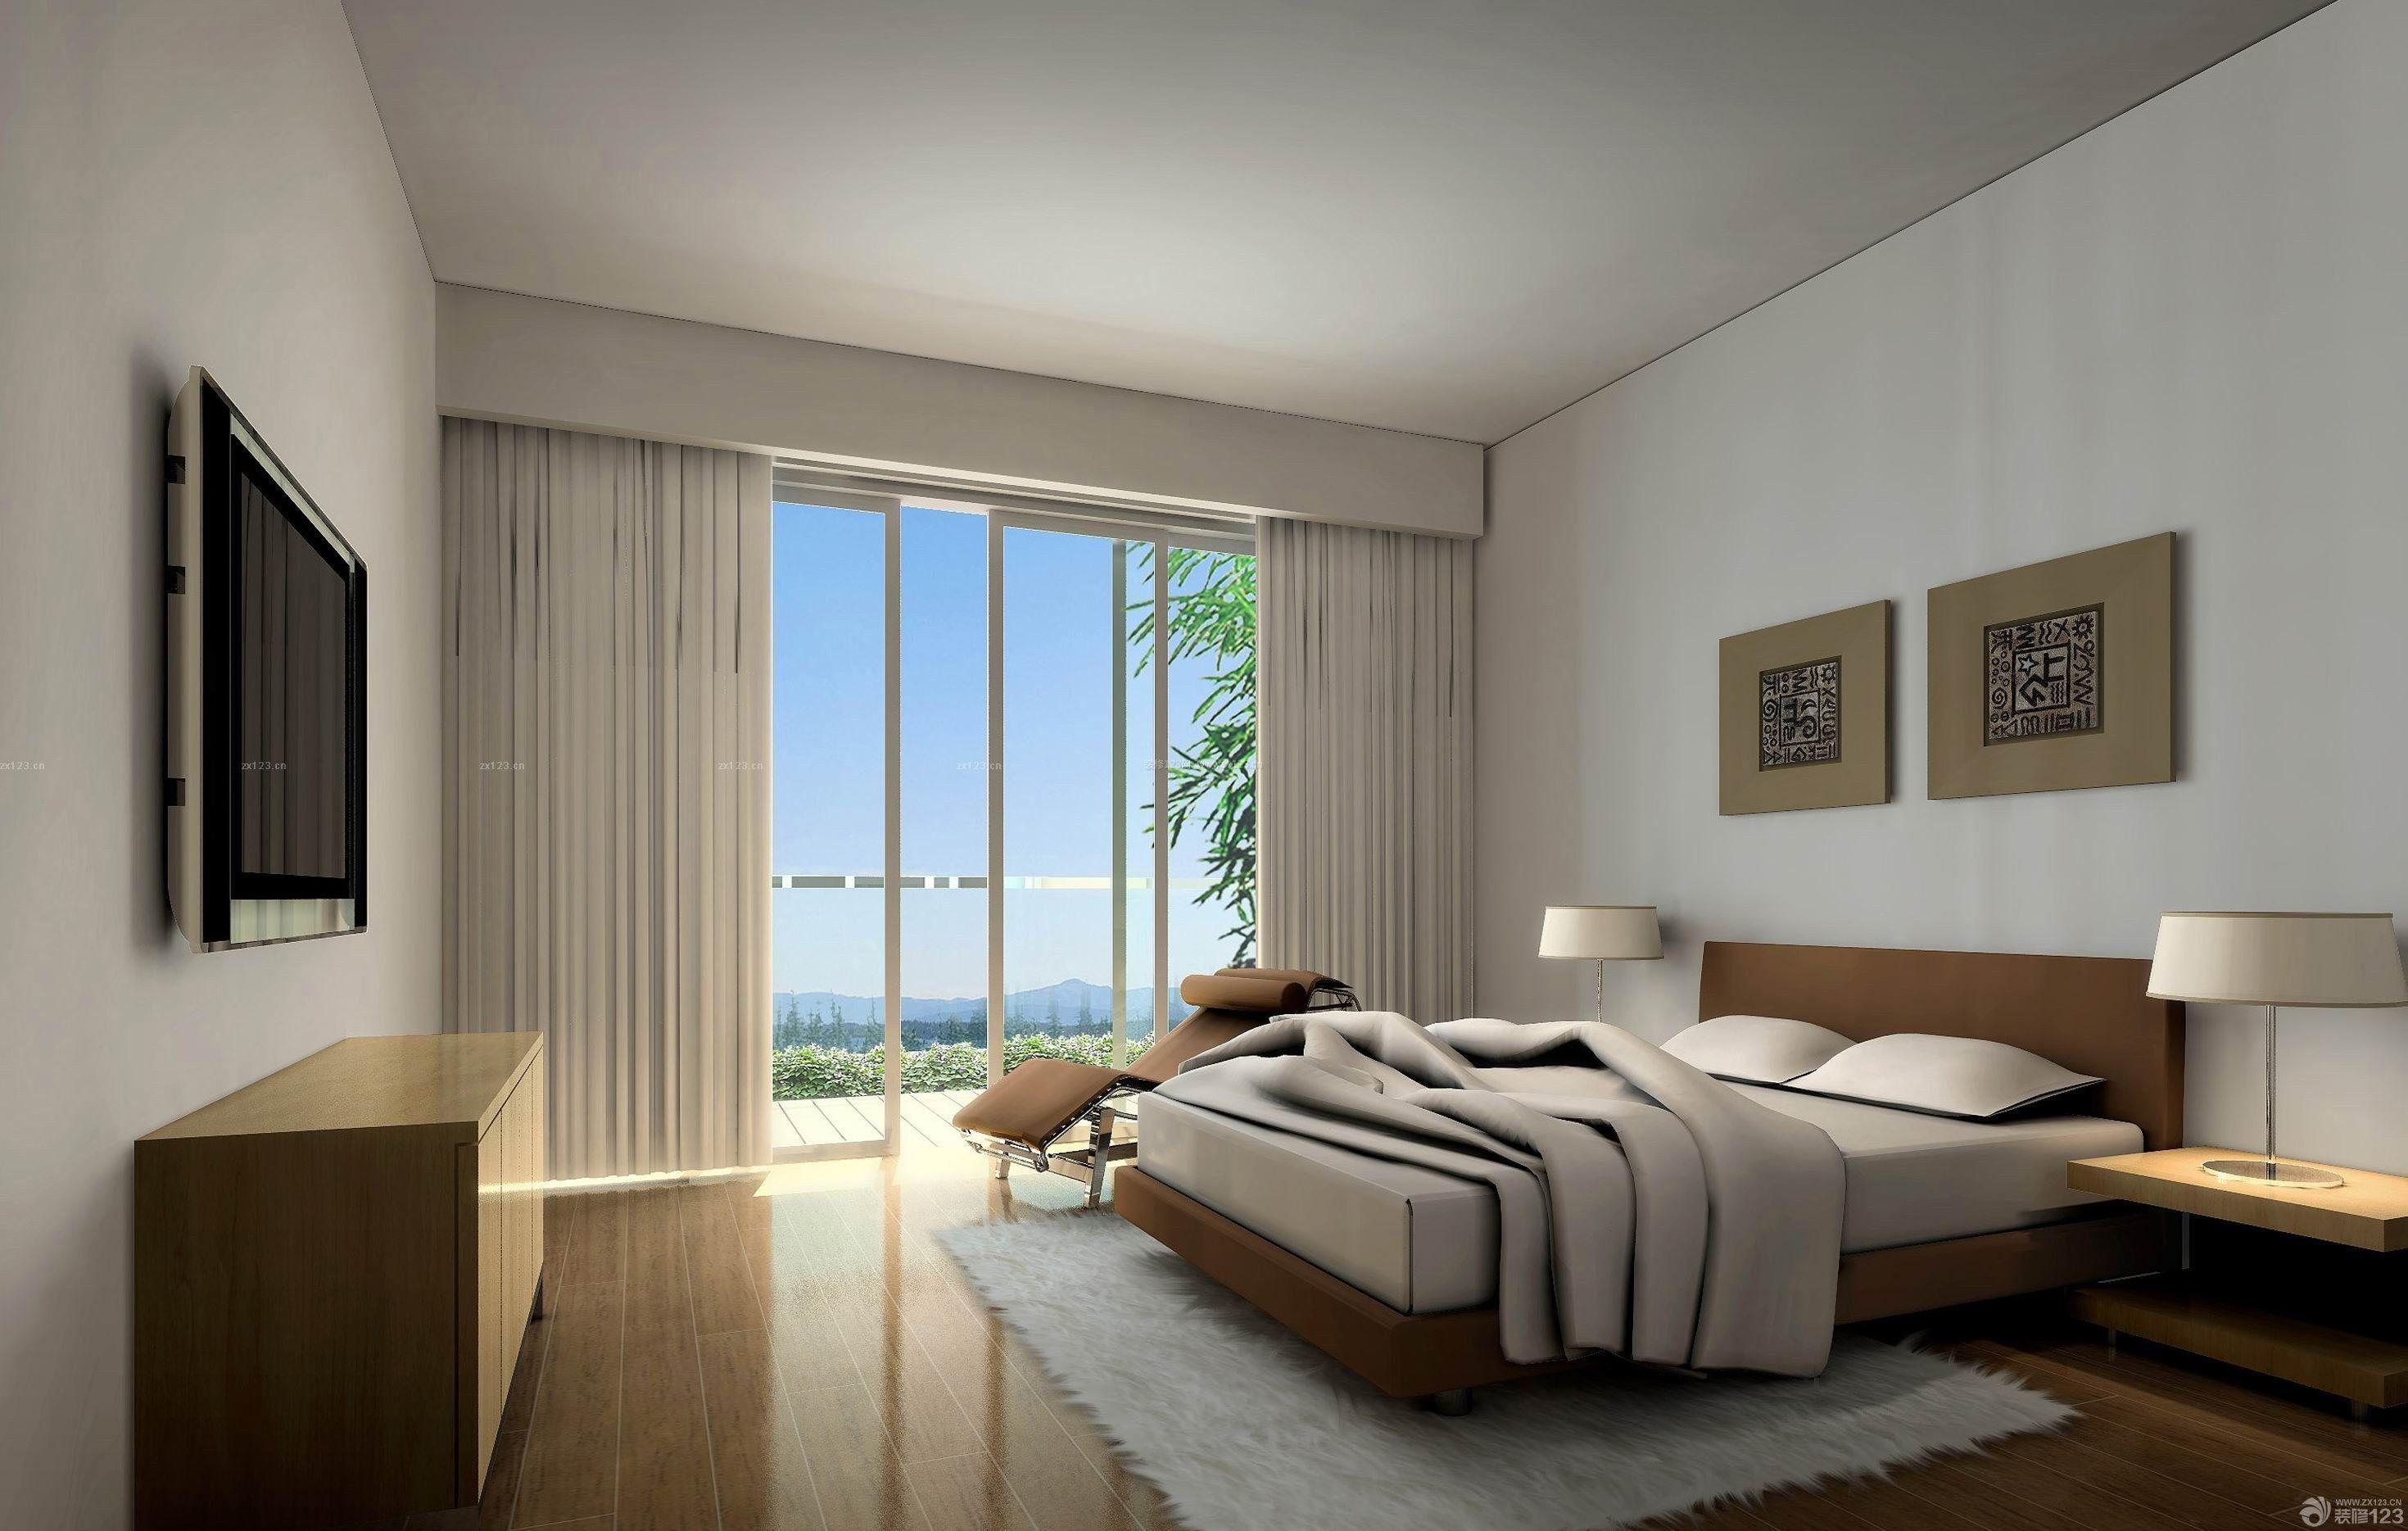 二室二厅简装80平米房间普通装修效果图片